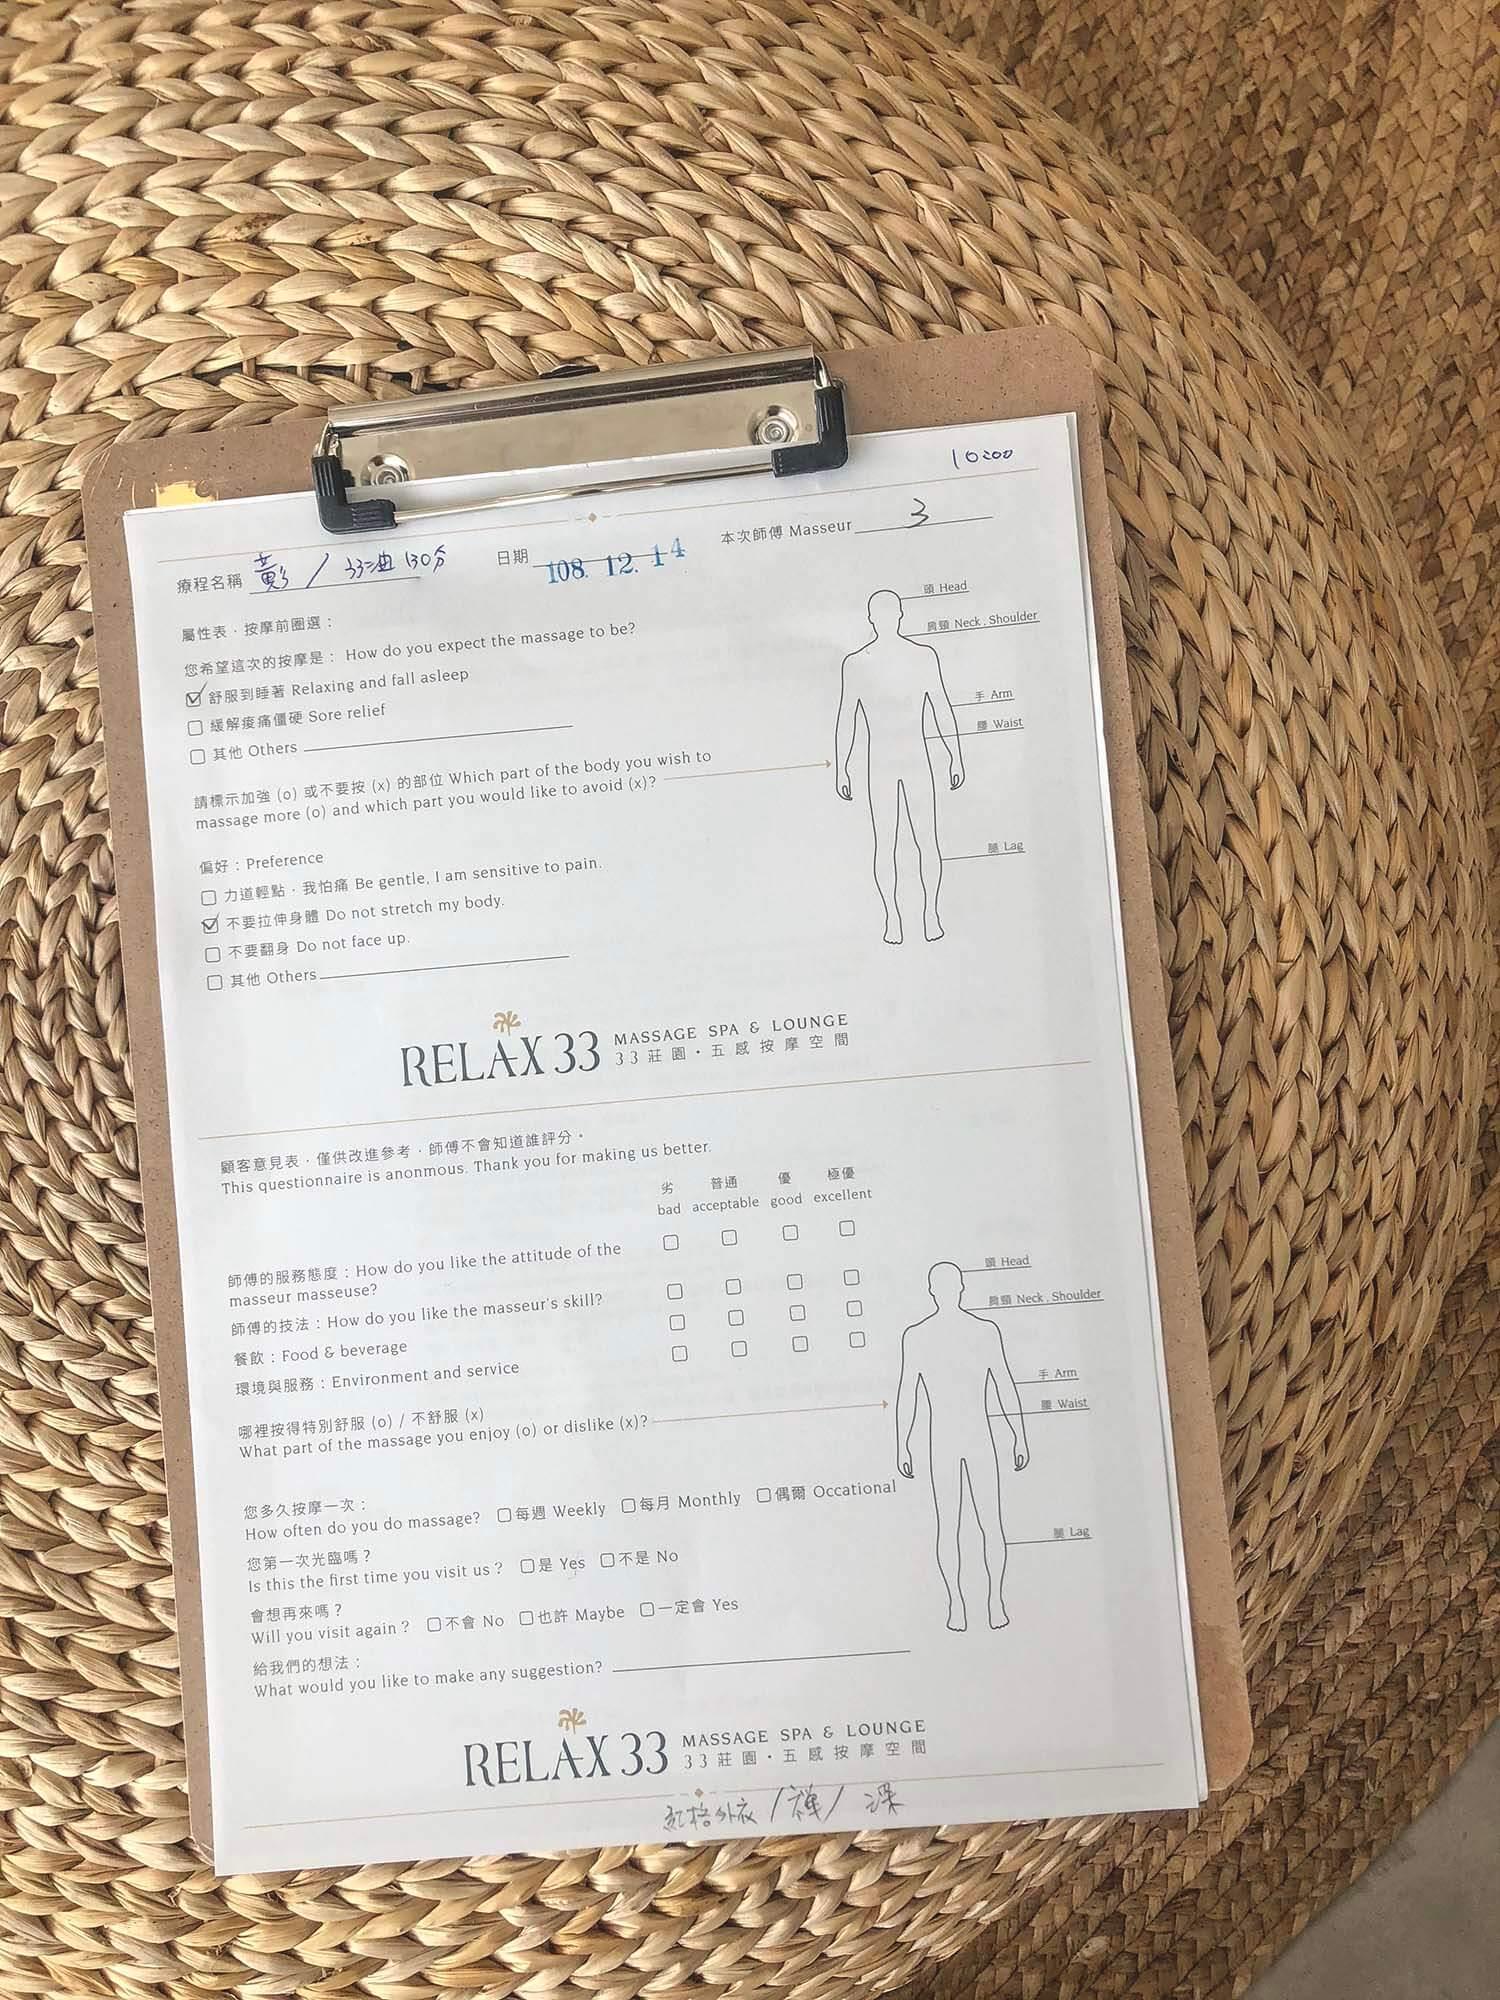 RELAX 33莊園-填寫按摩需求表表格